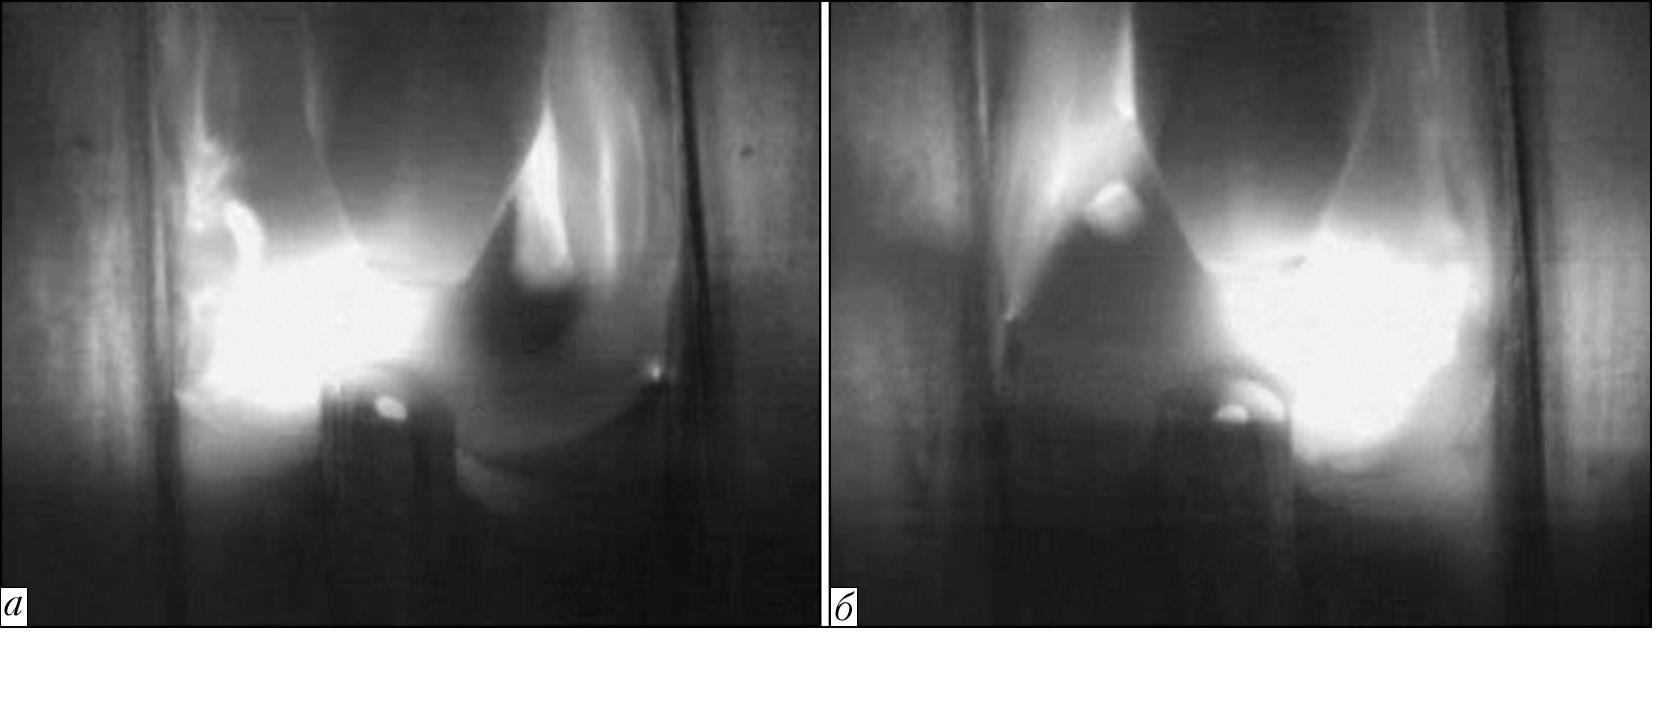 Видеоизображение процесса аргонодуговой сварки титана вольфрамовым электродом